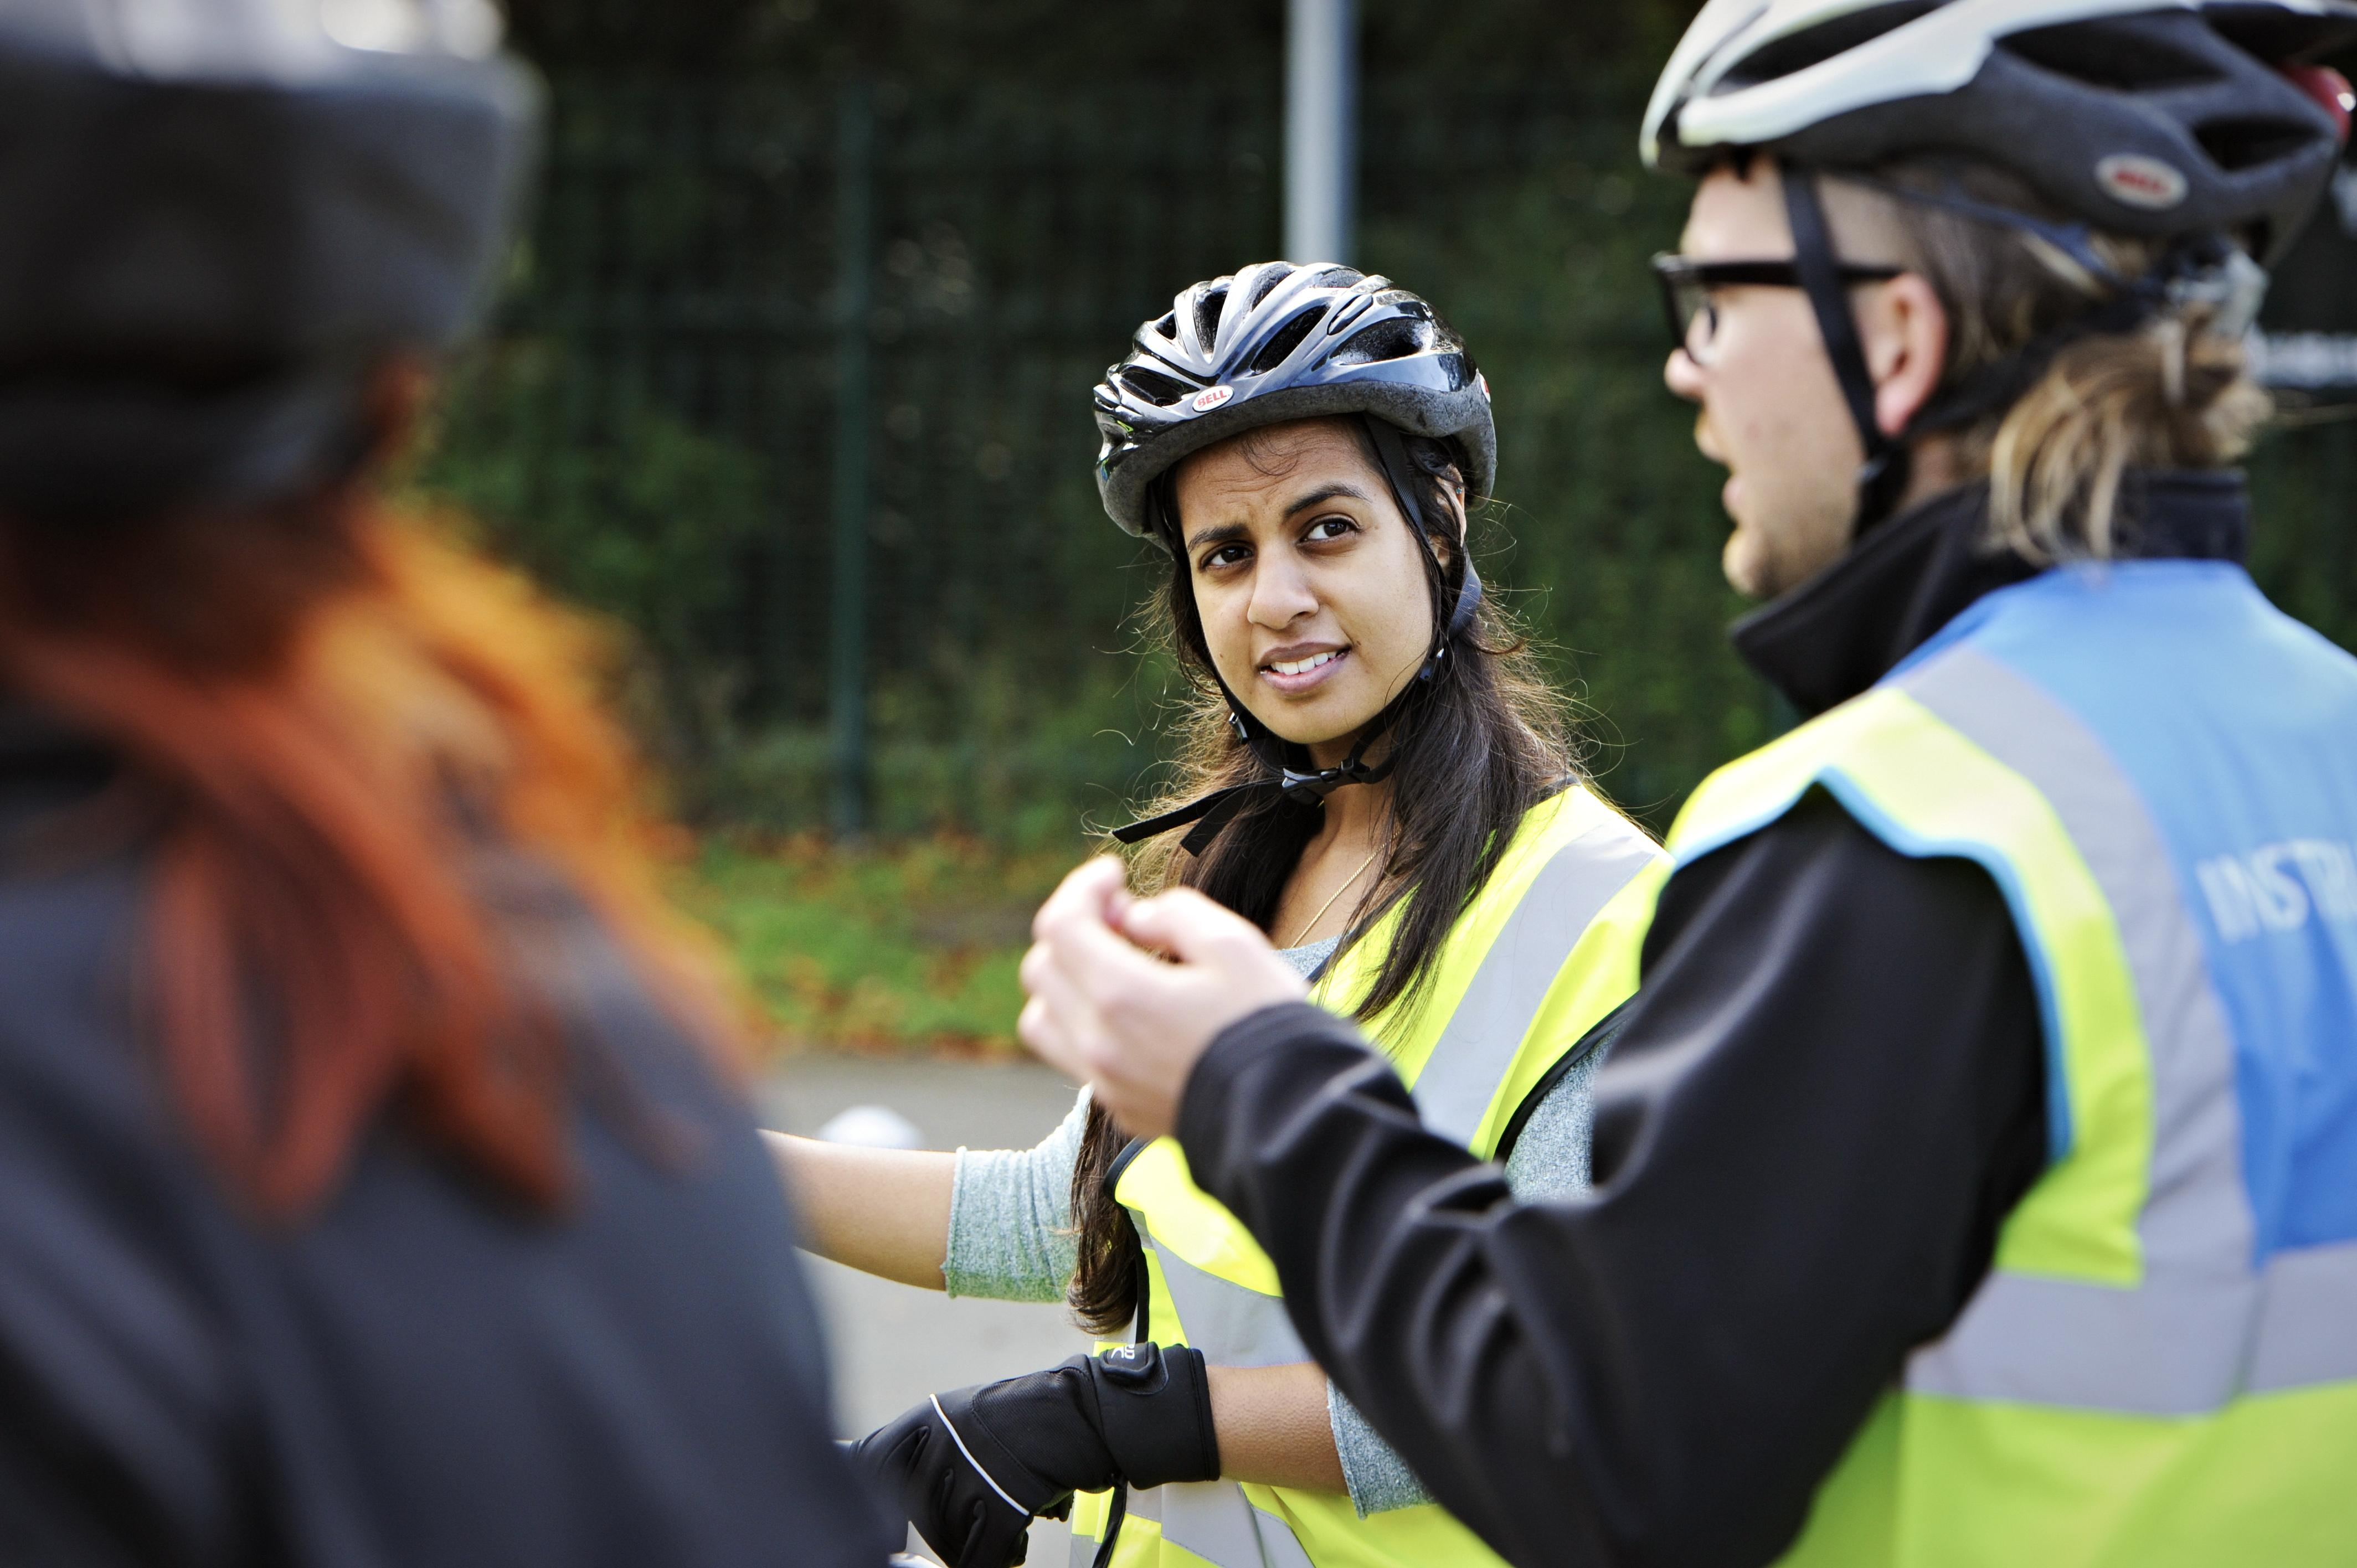 Road rider ready [Trafford]